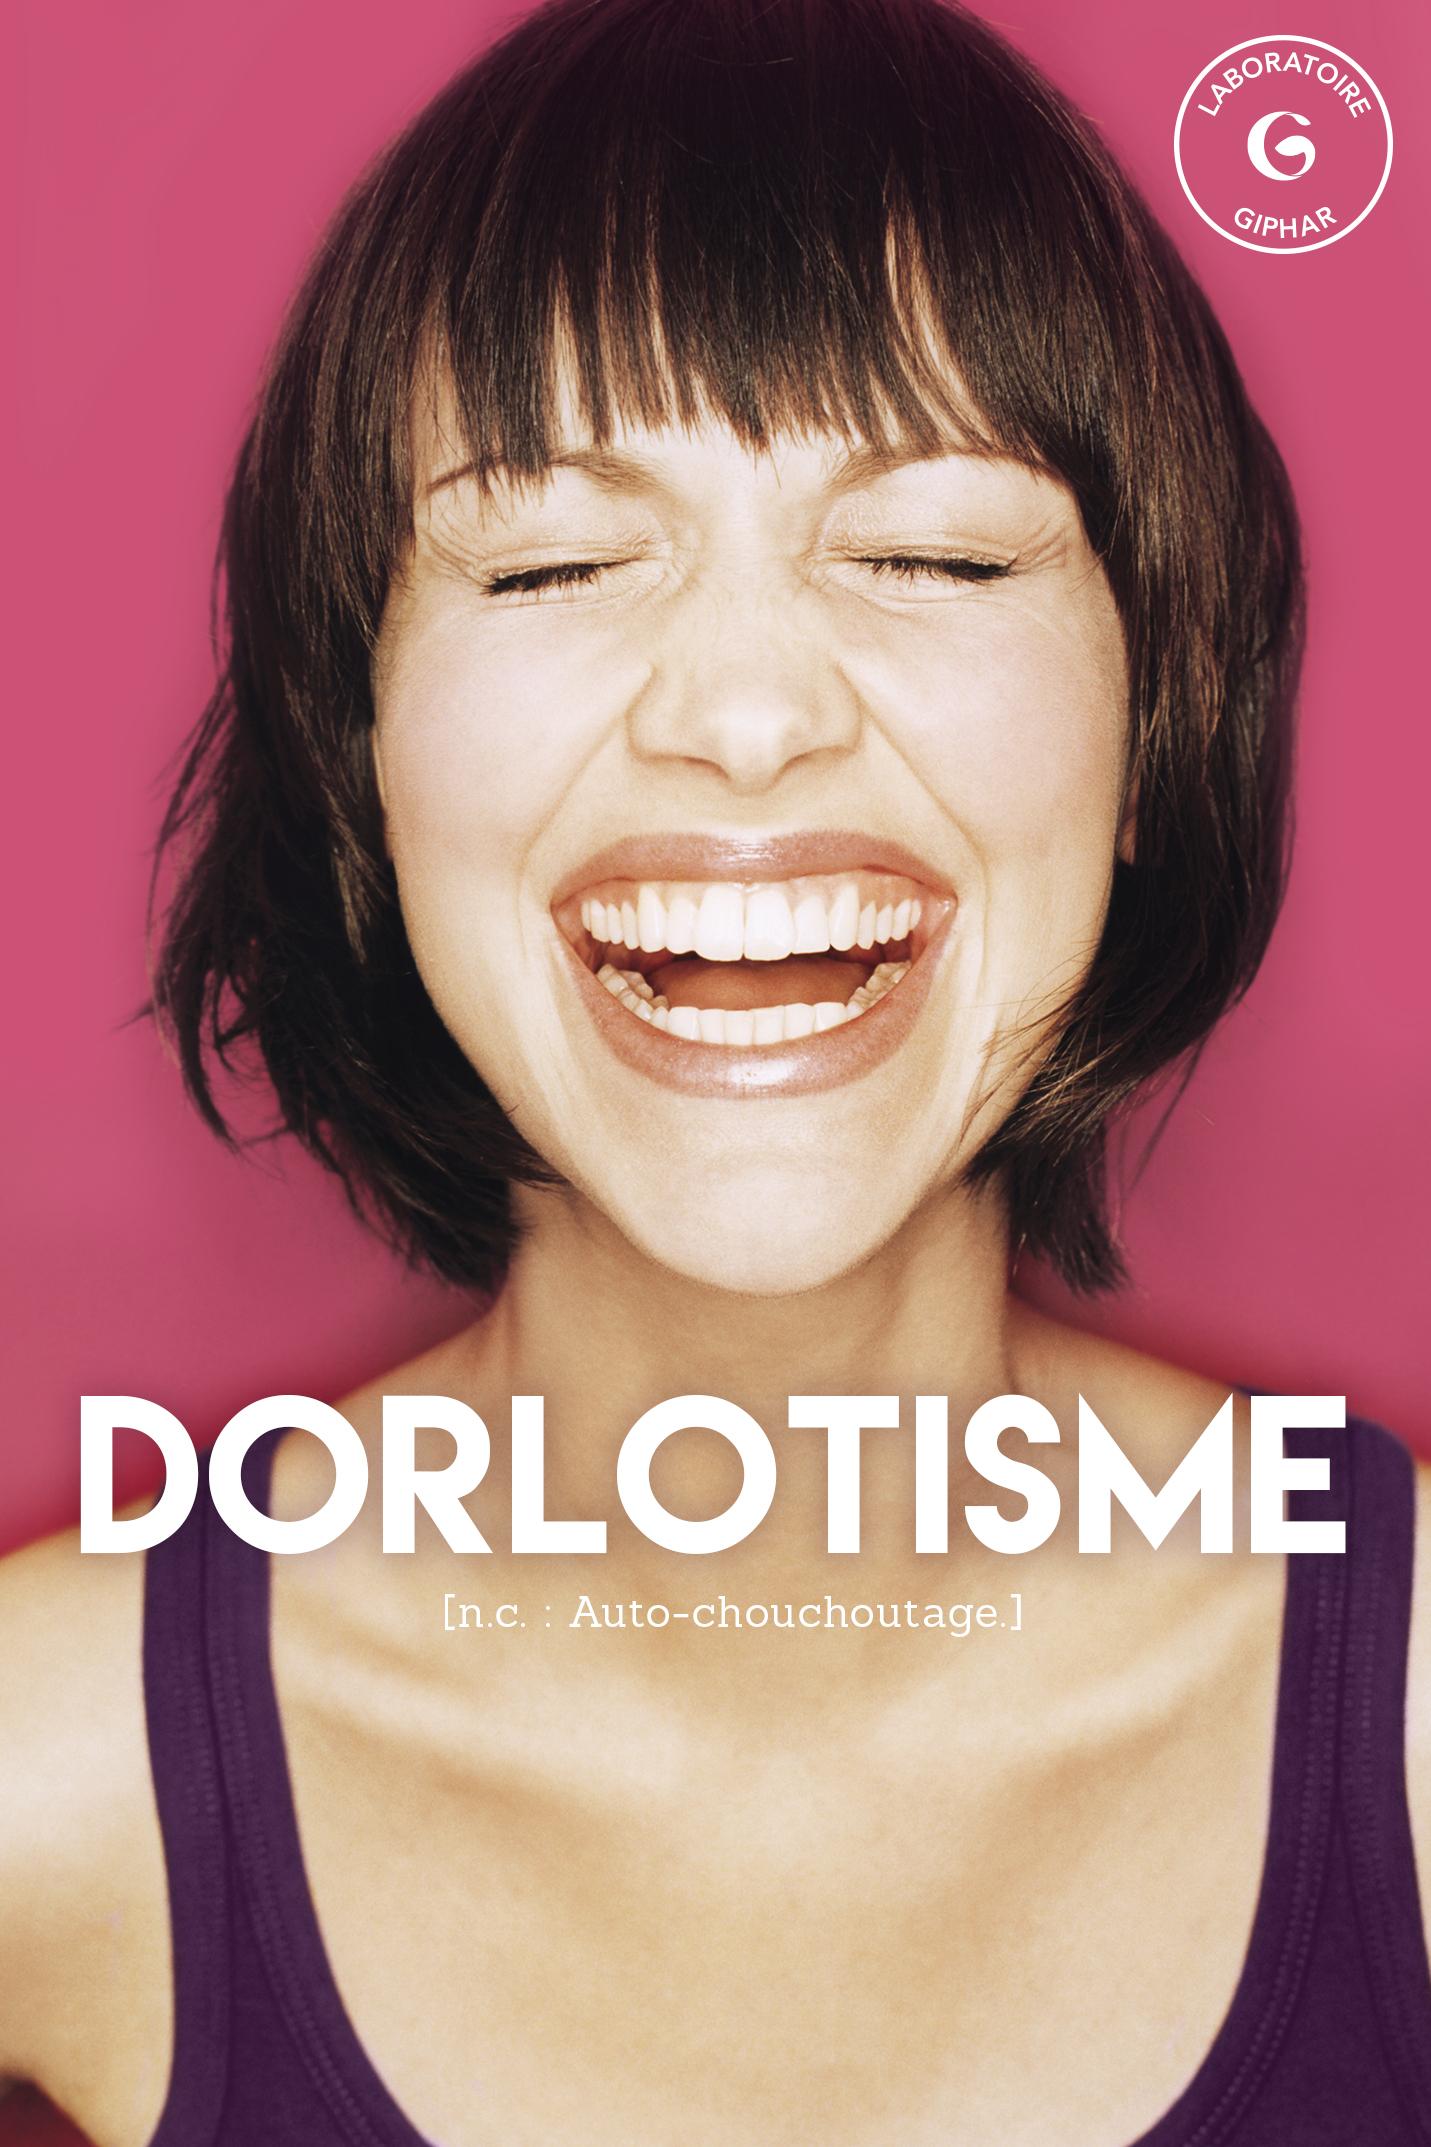 Dorlotisme.jpg